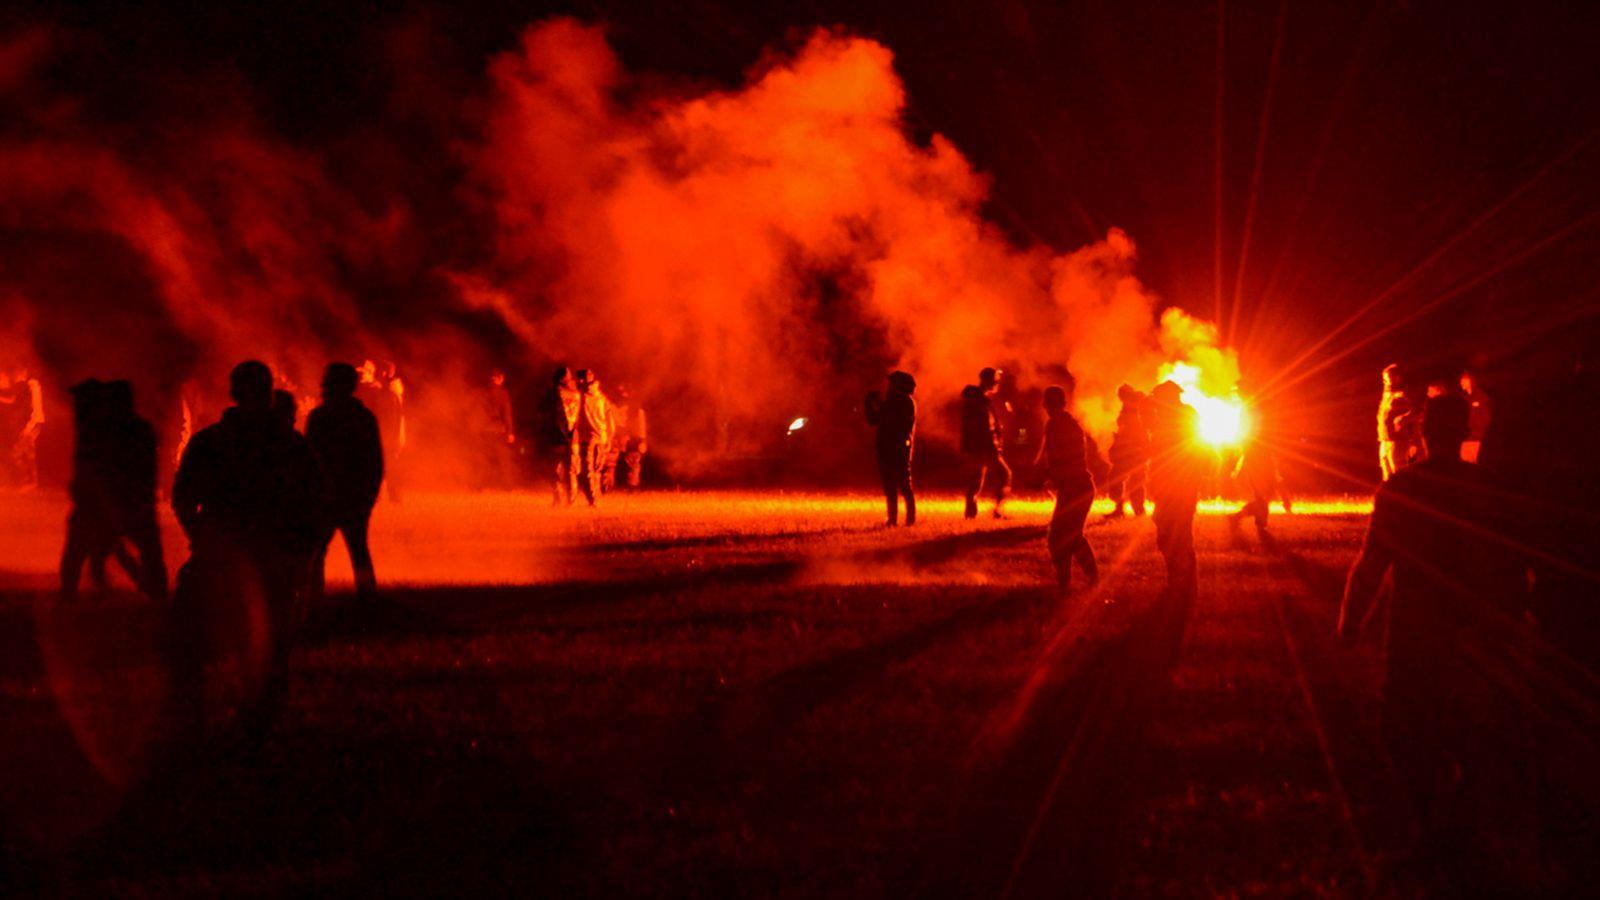 جرحى خلال تفريق الشرطة حفلا صاخبا في غرب فرنسا